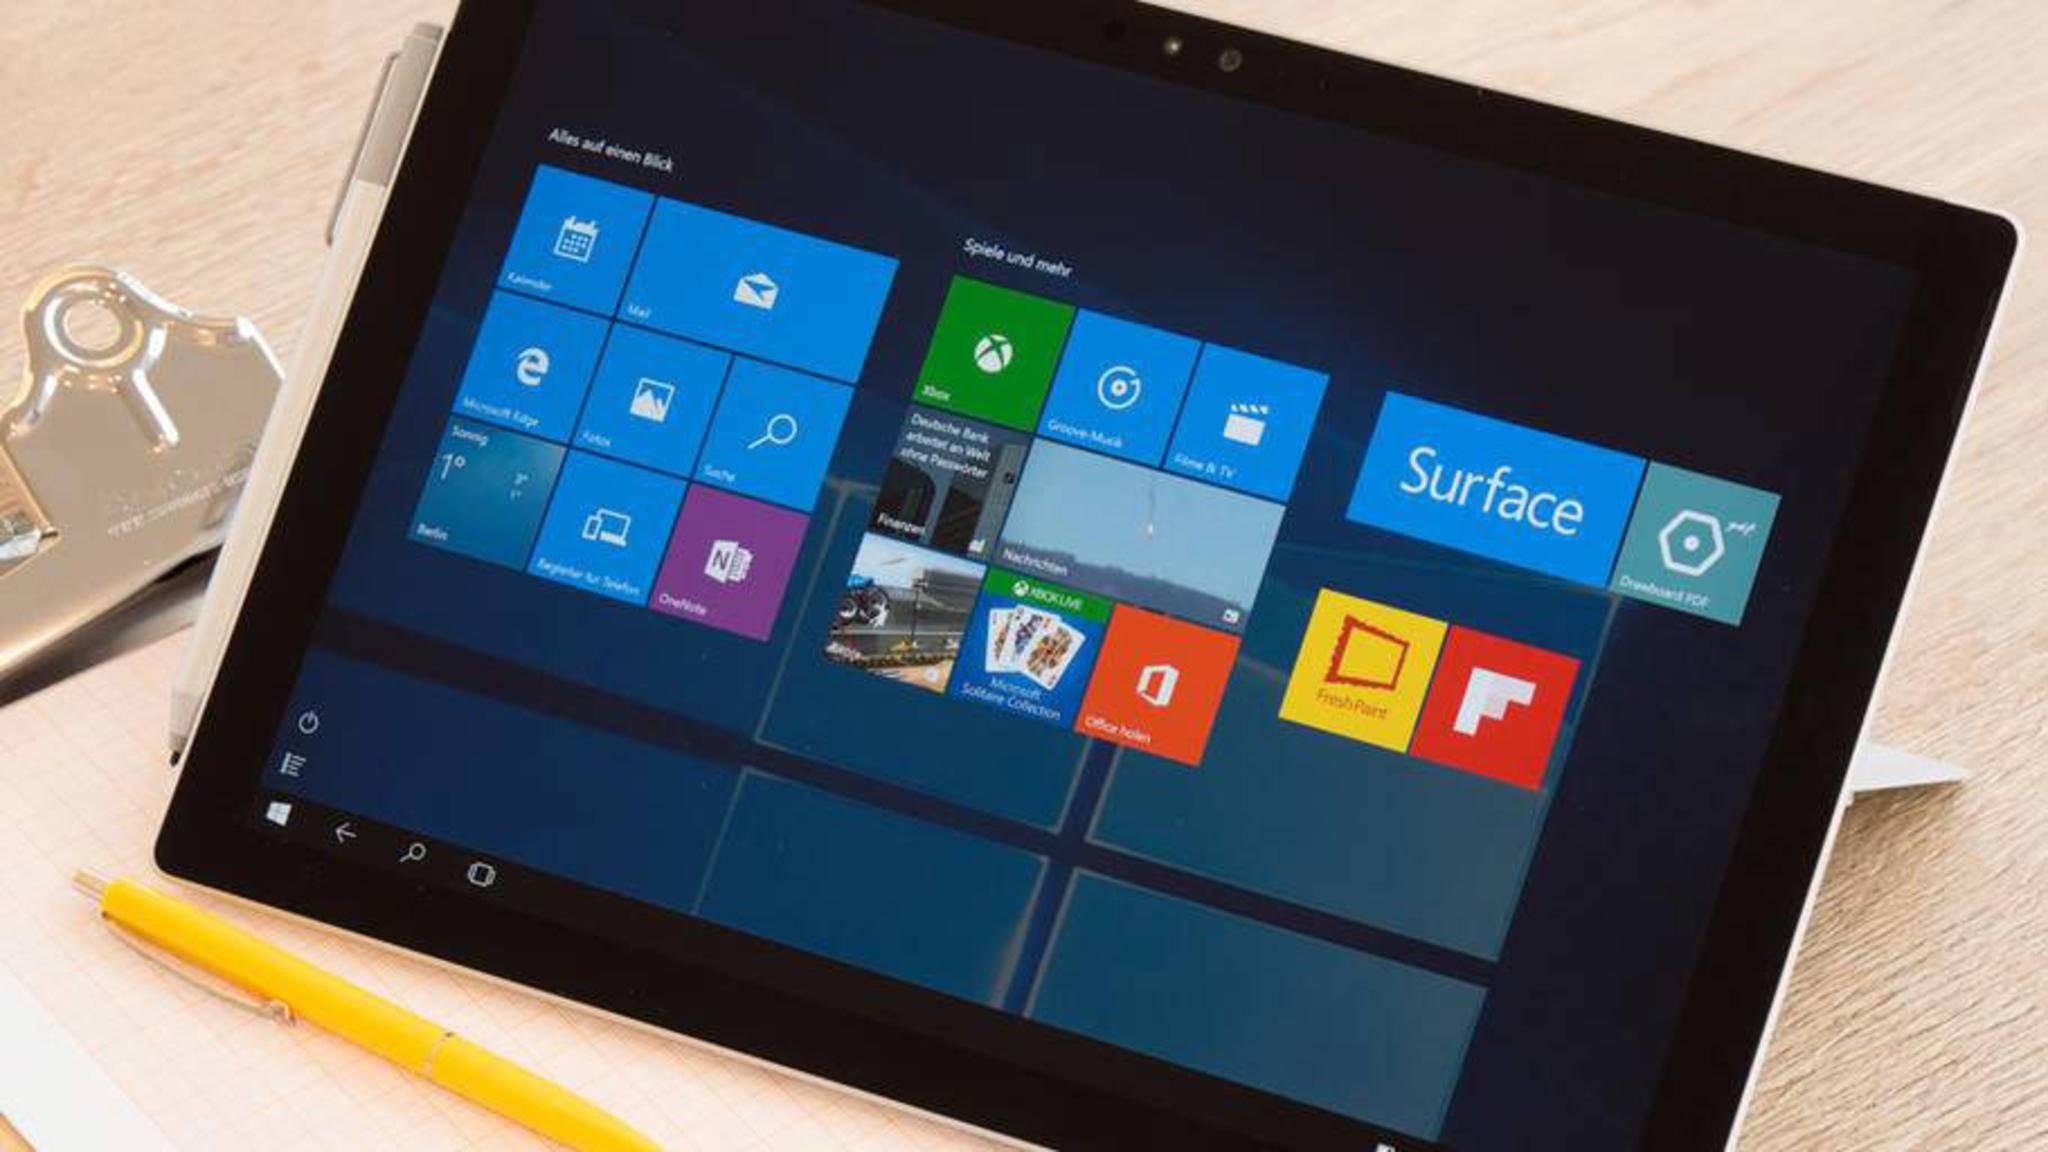 Das Surface Pro 4 ist bereits das vierte Pro-Modell von Microsofts Surface-Reihe.